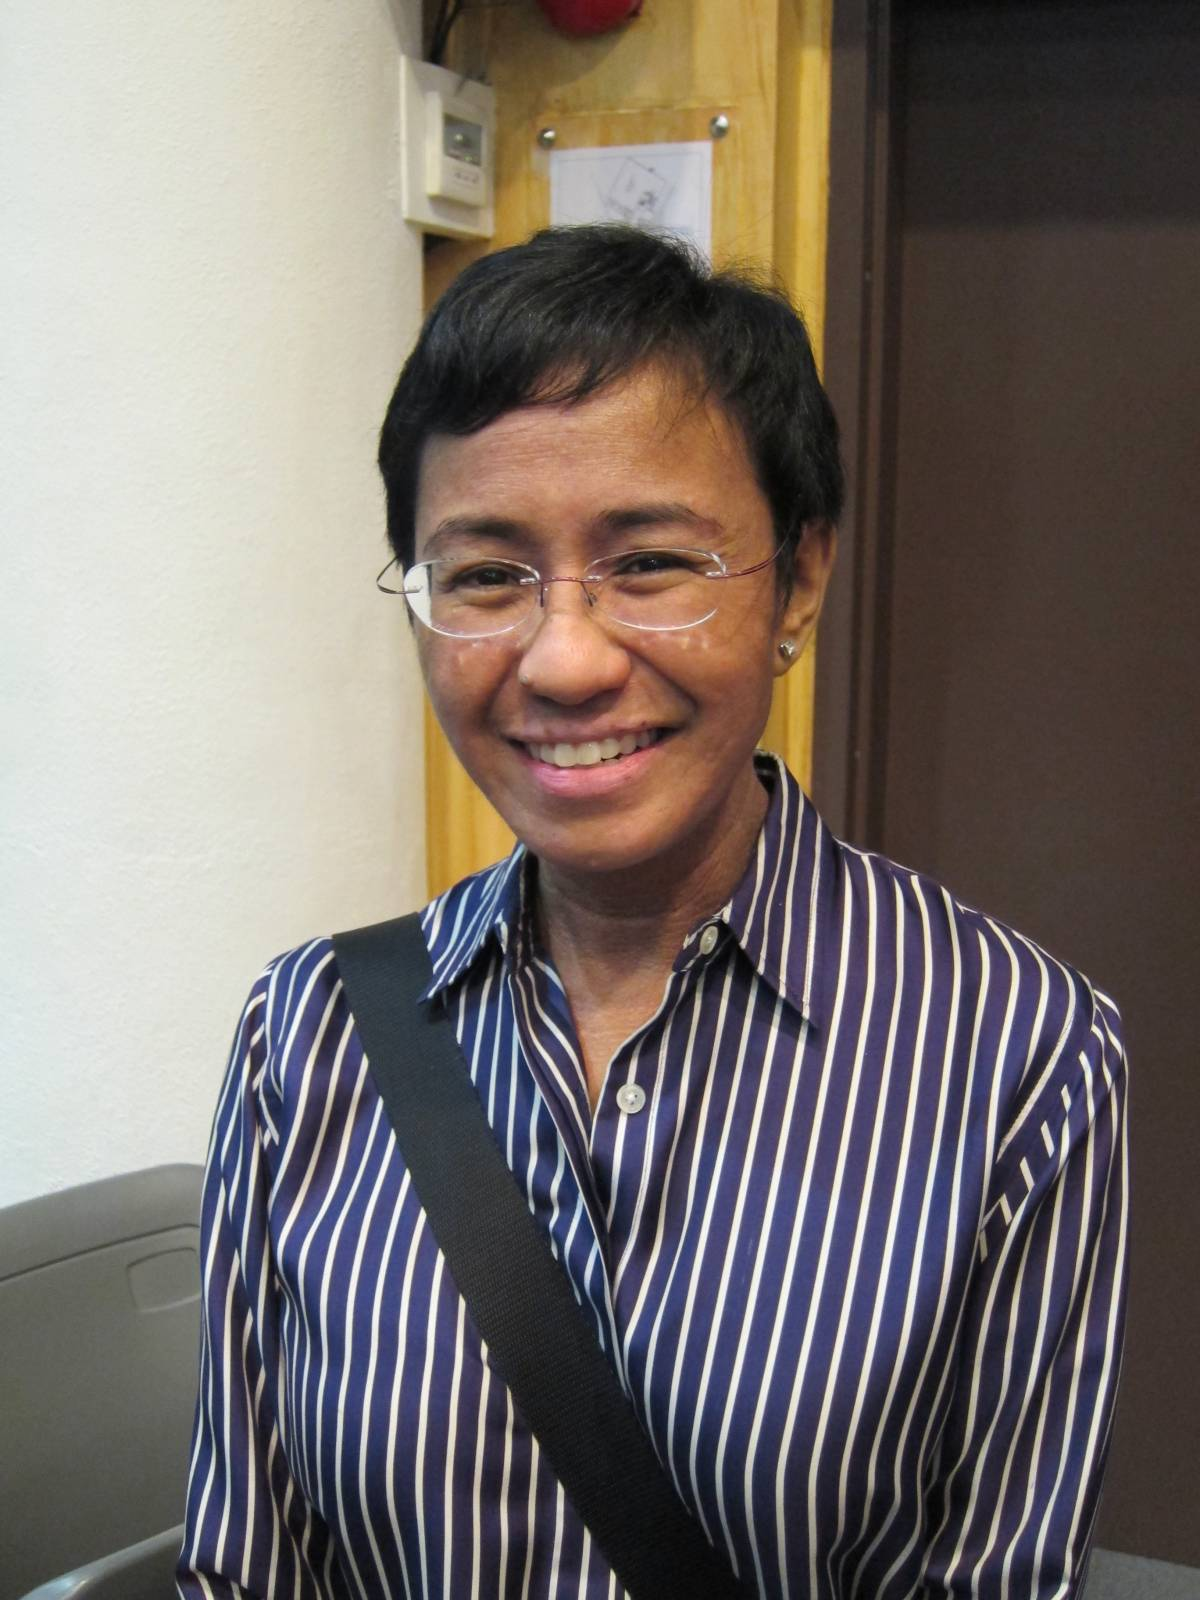 Filippine, la giornalista Maria Ressa arrestata per diffamazione